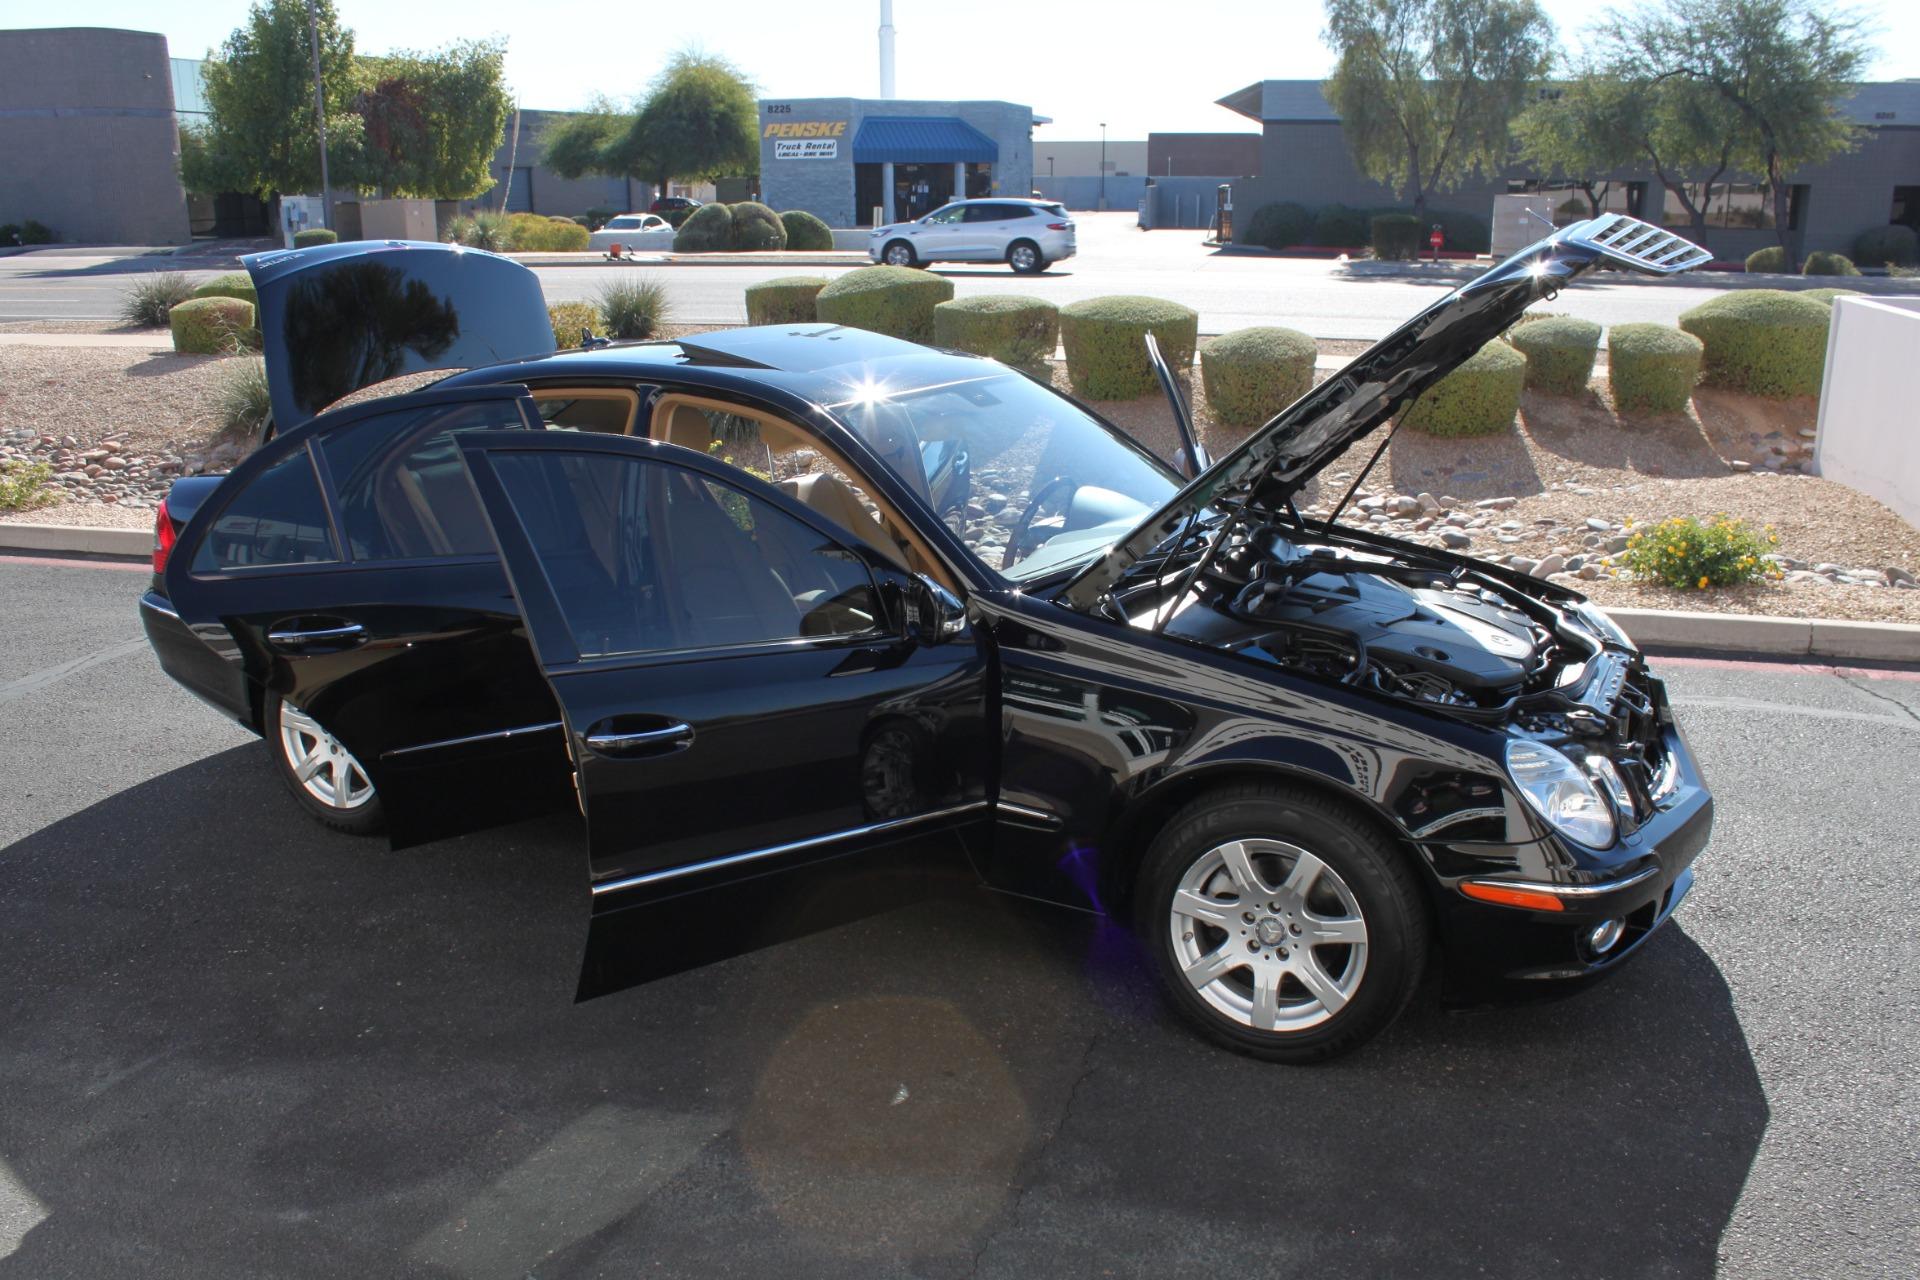 Used-2009-Mercedes-Benz-E-Class-E320-30L-BlueTEC-XJ